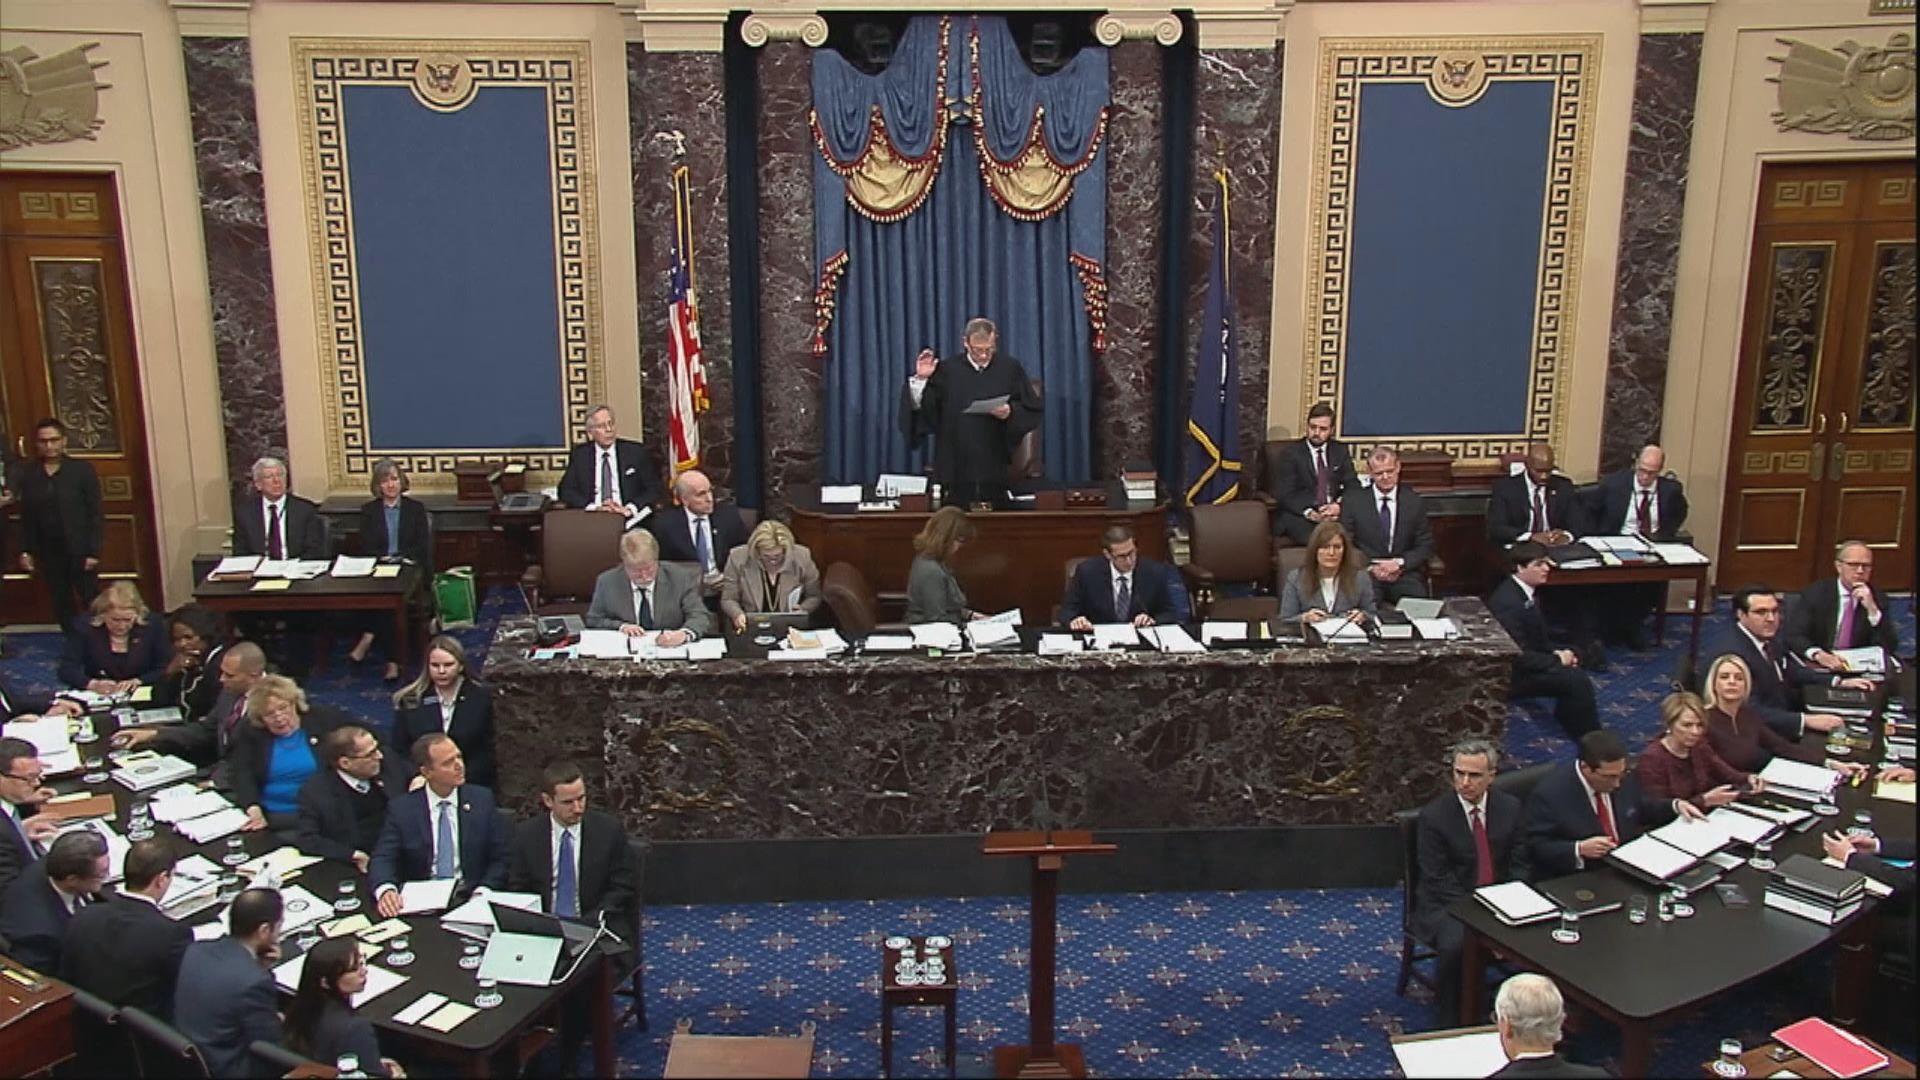 美國參議院通過彈劾案審訊規則決議